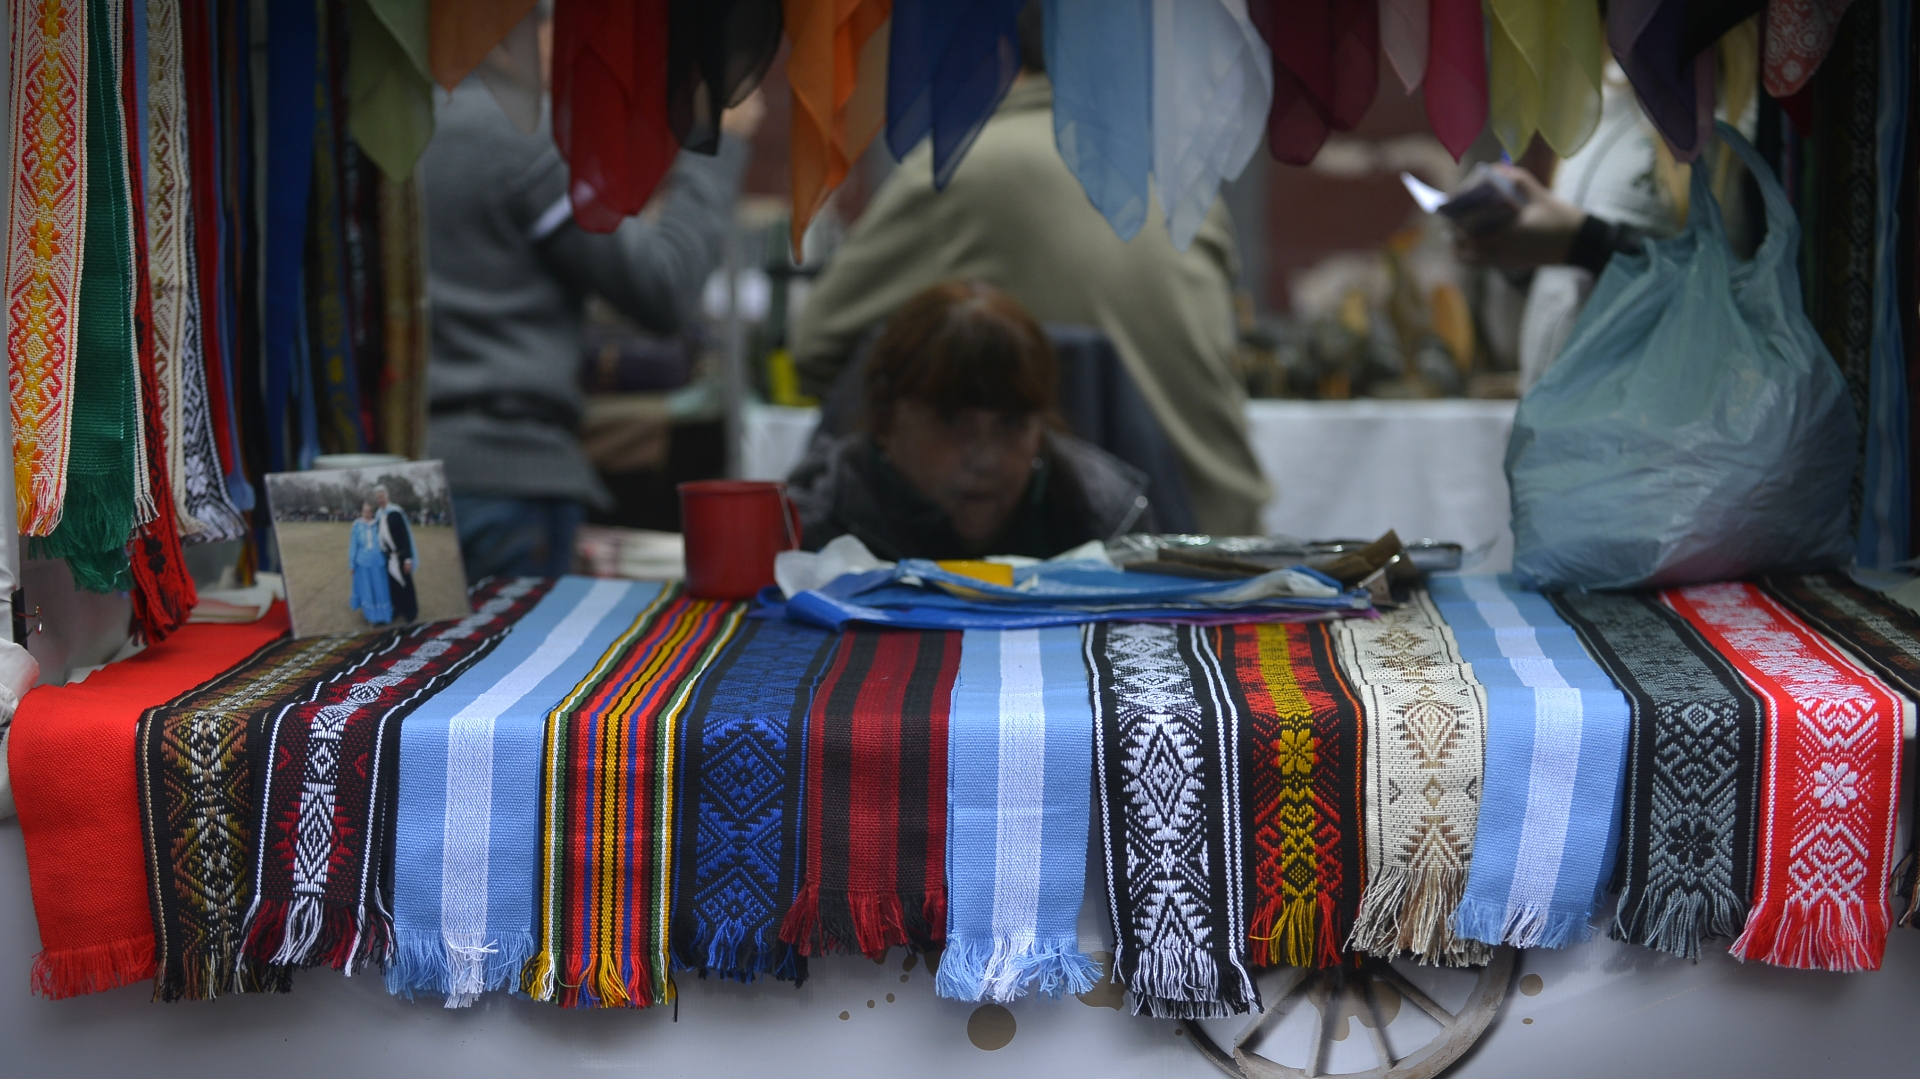 Fajas gauchas con diferentes diseños, un de los productos tradicionales promocionados